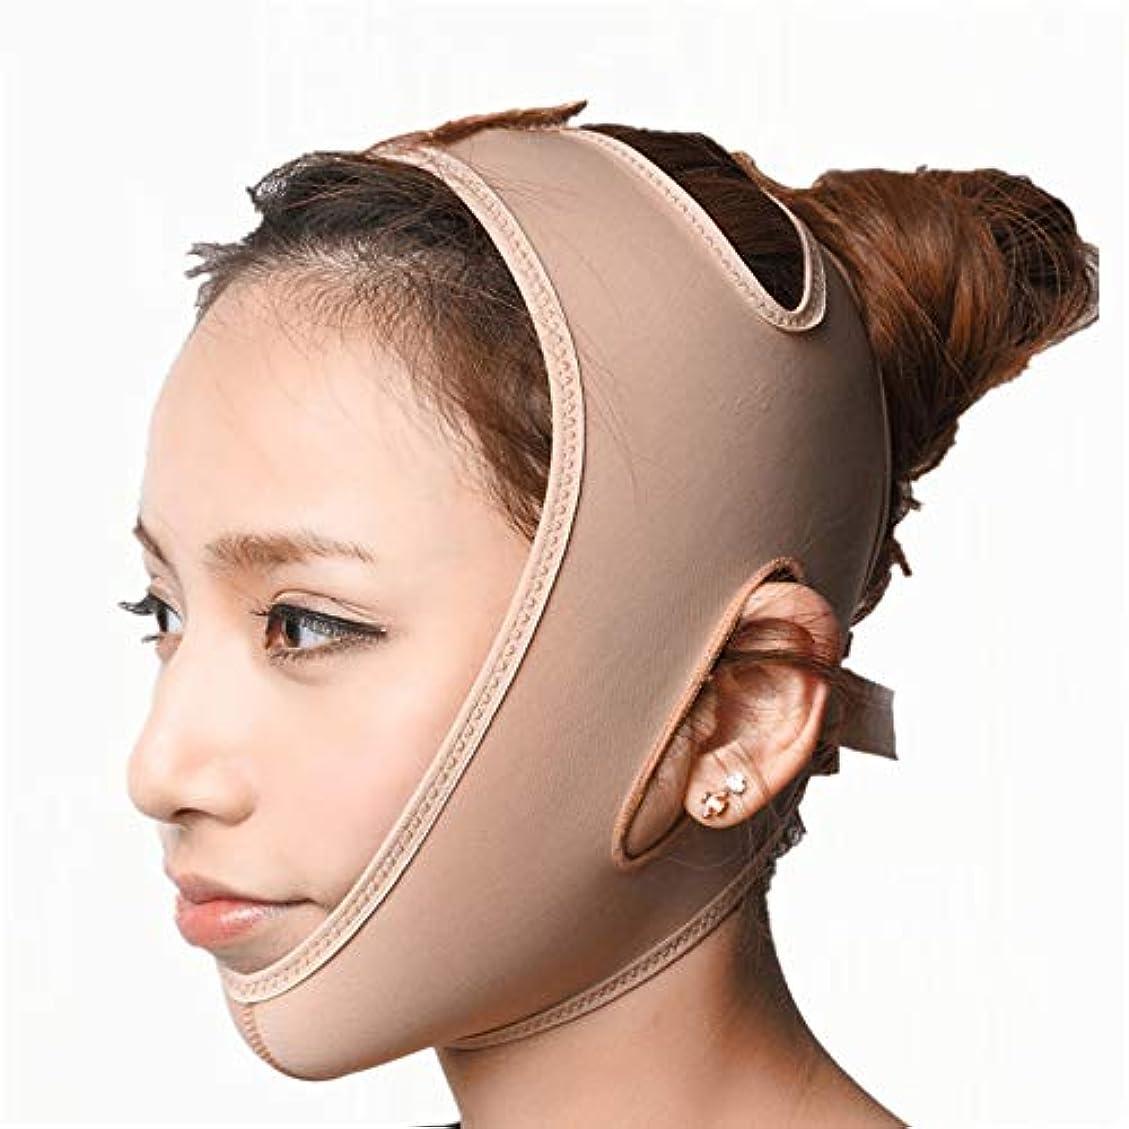 食品演劇咽頭Jia Jia- 顔の持ち上がる痩身ベルト - アンチエイジングリンクルフェイスマスクベルトシンフェイス包帯整形マスクは顔と首を締めますフェイススリム 顔面包帯 (サイズ さいず : M)